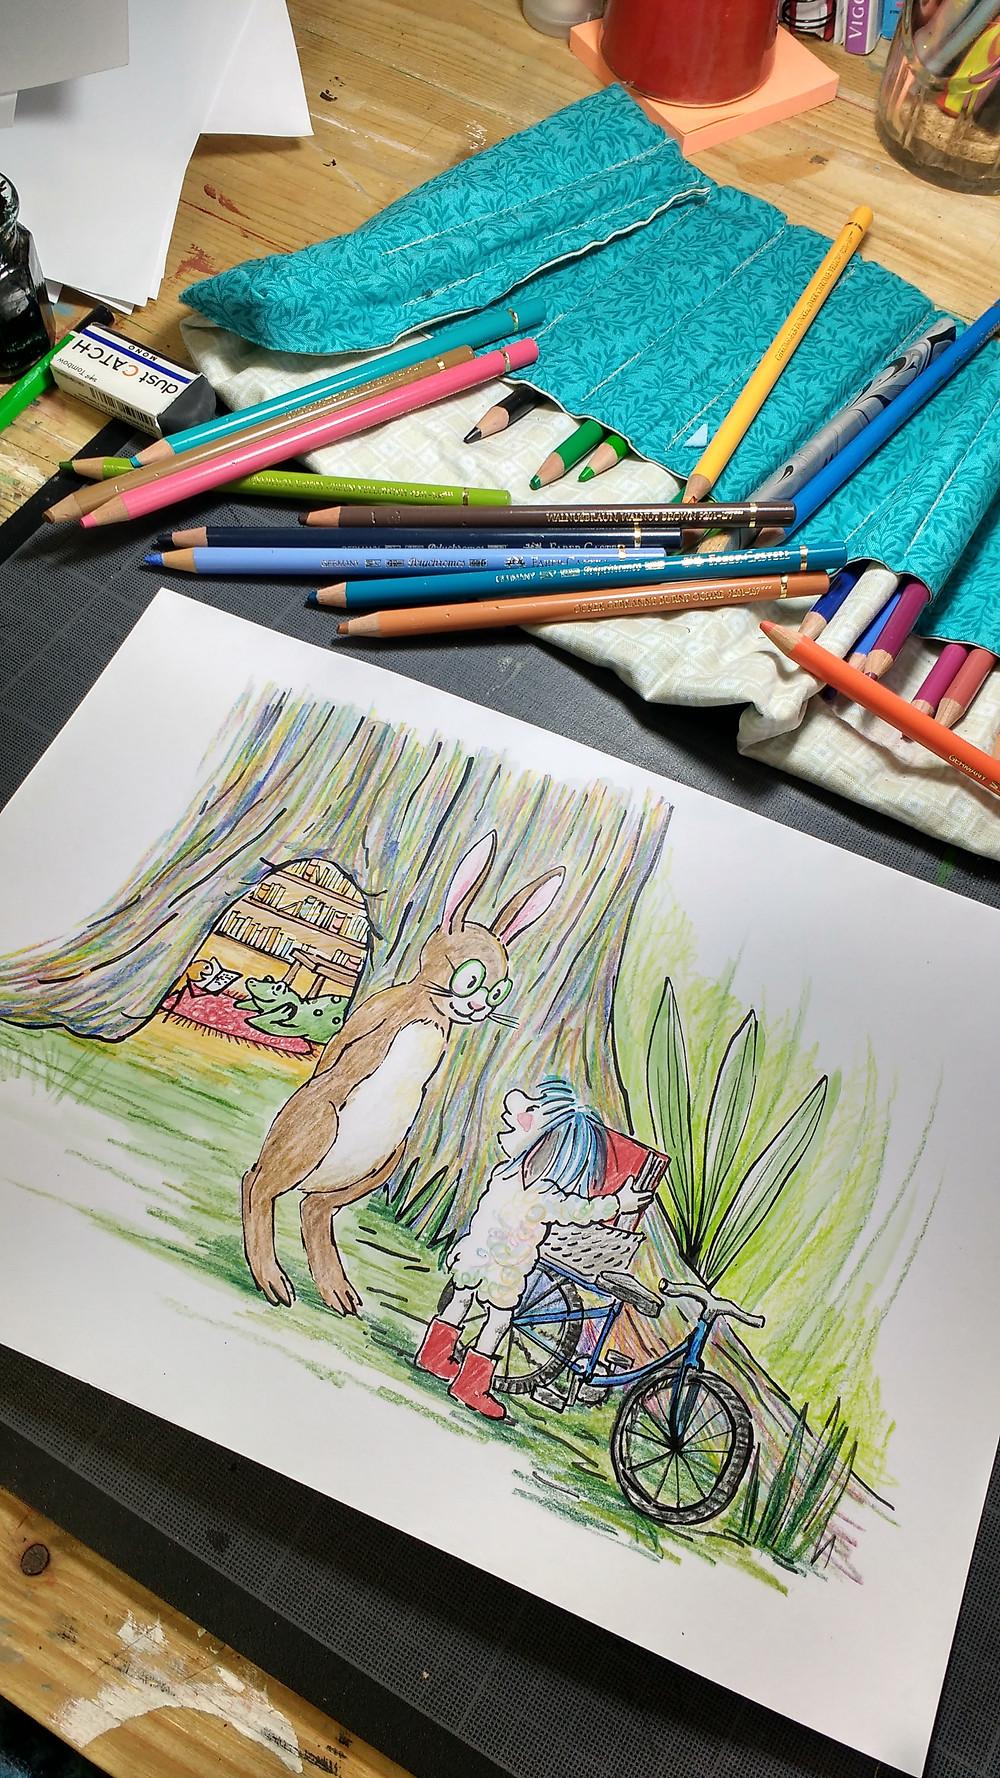 Illustration en cours et crayons de couleurs